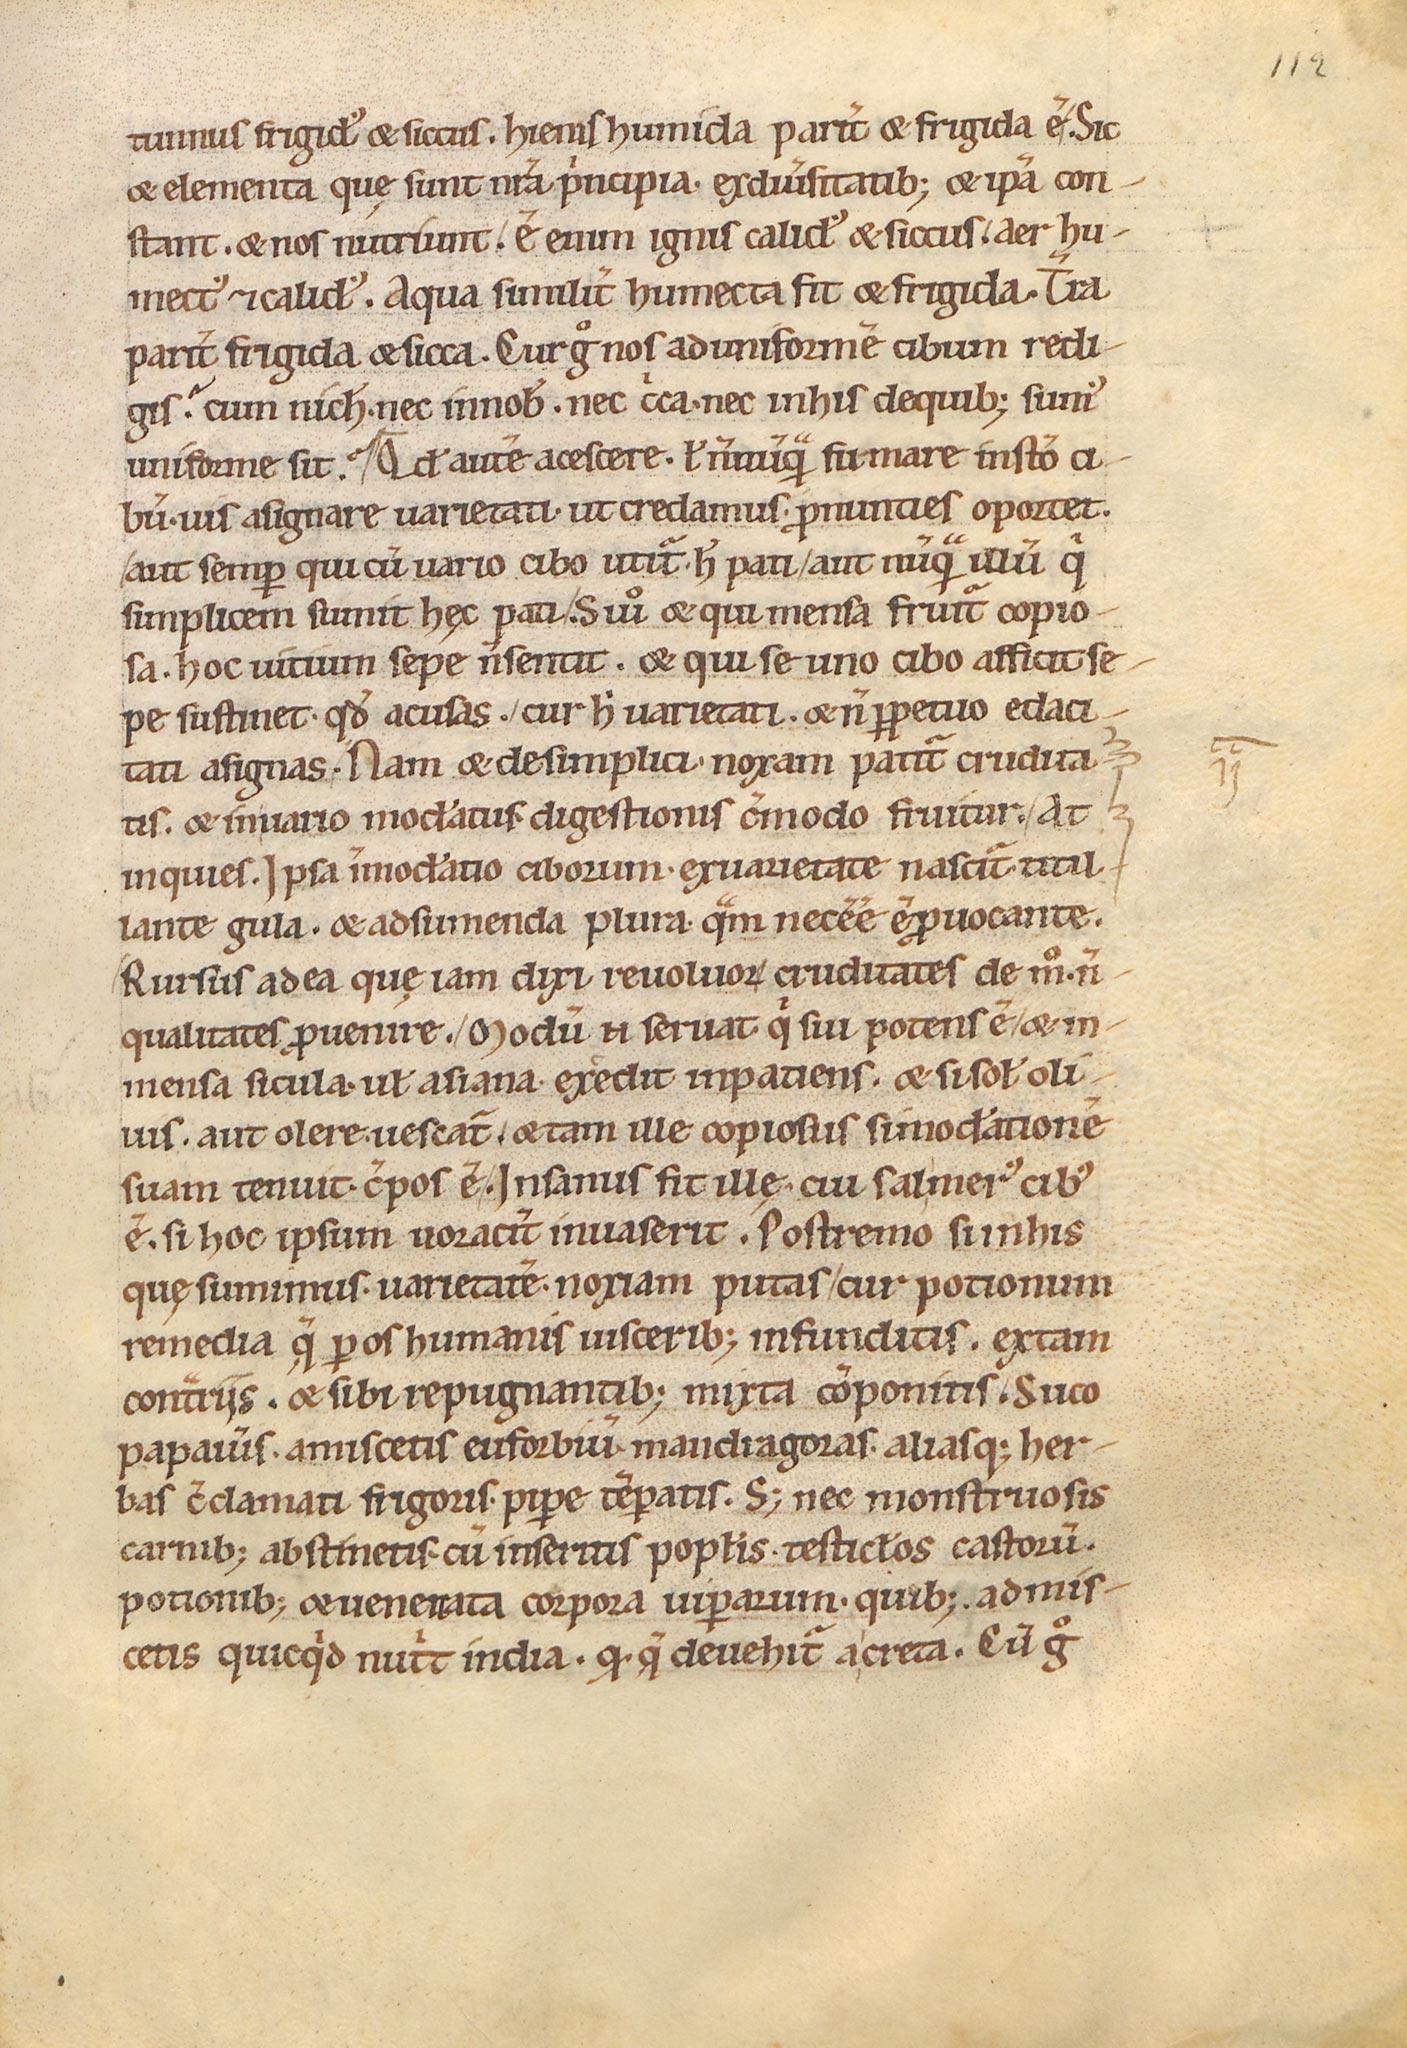 Manuscrit-Saturnales-112r°